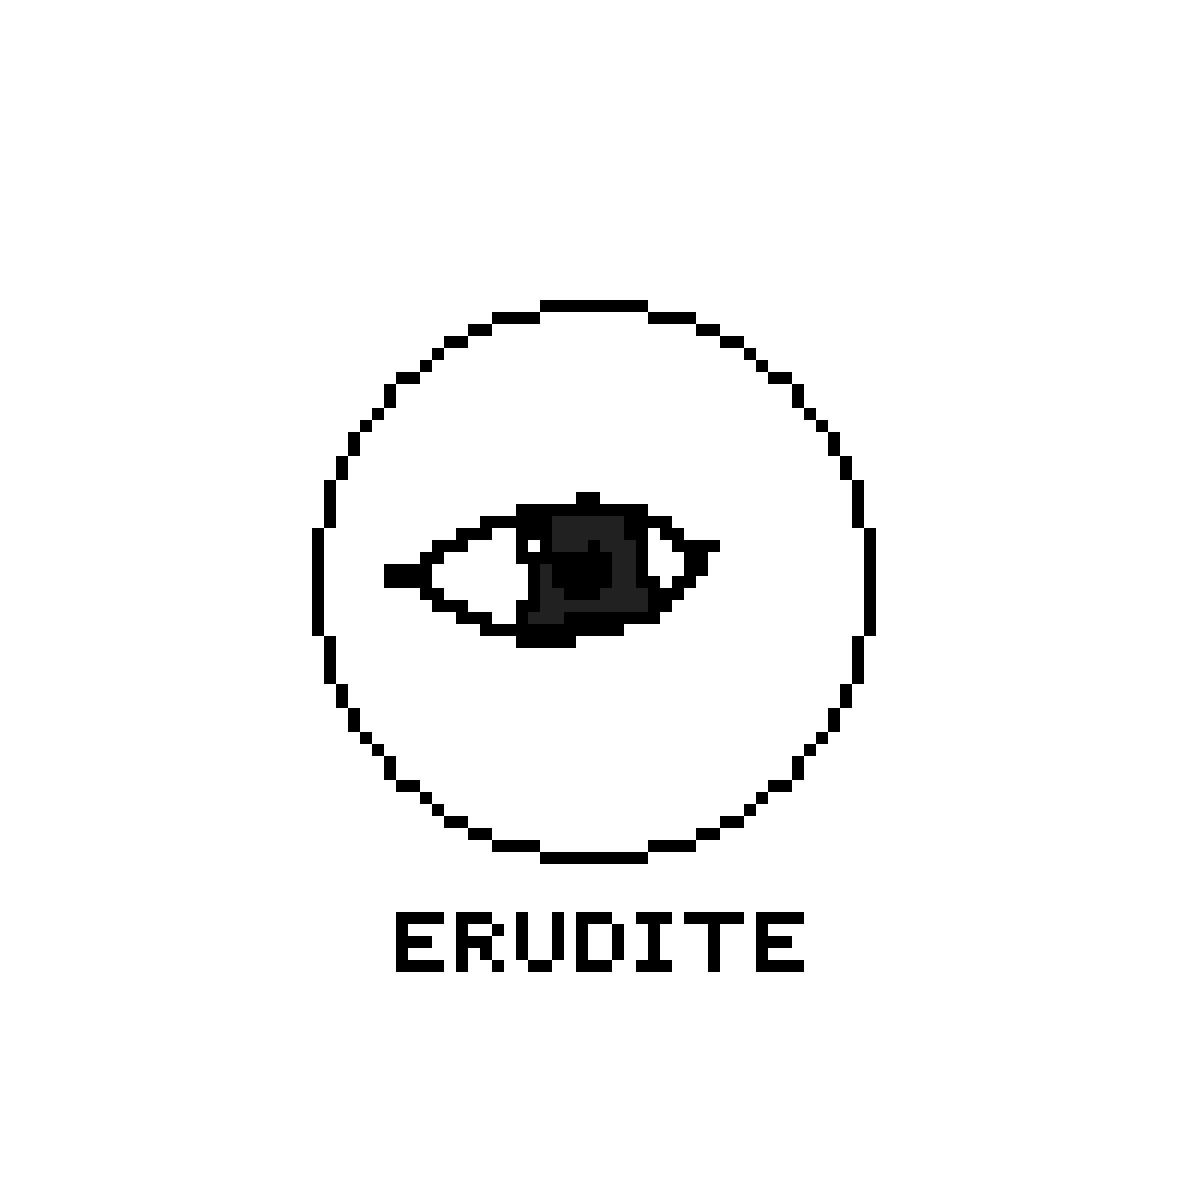 Erudite Seal by thikkikikki04